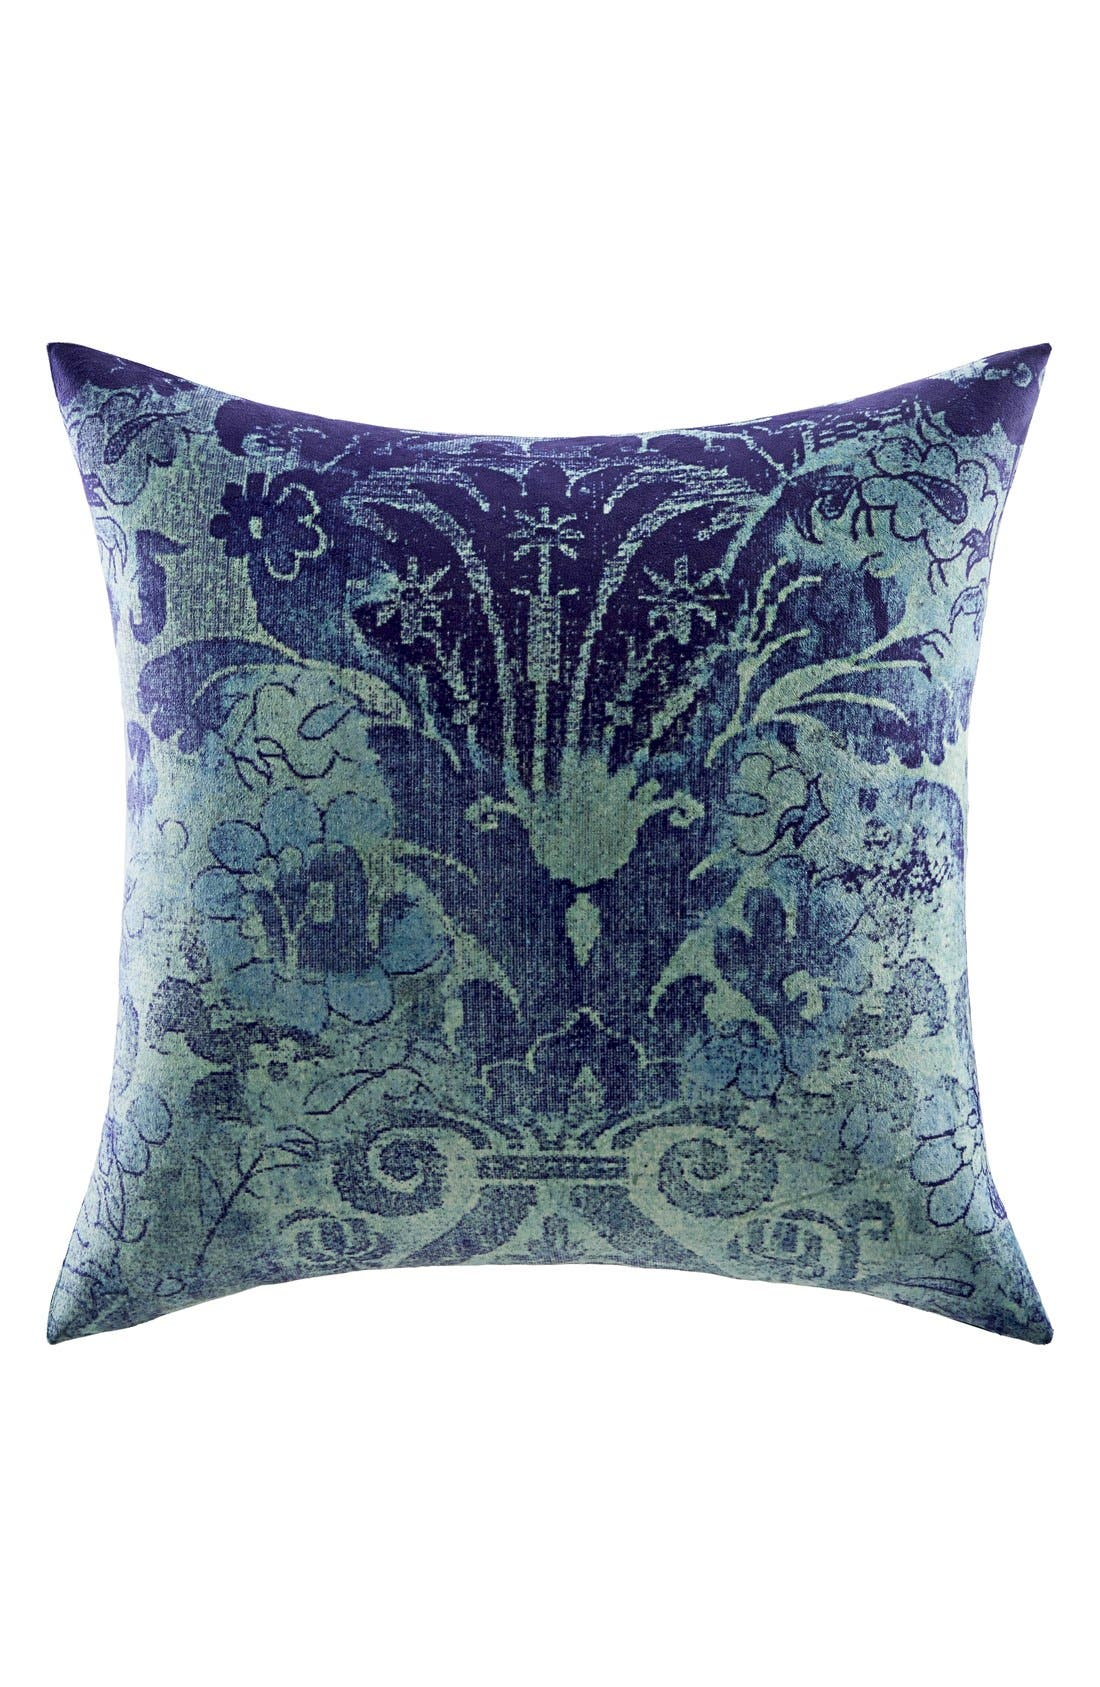 Alternate Image 1 Selected - Tracy Porter® For Poetic Wanderlust® 'Adele' Velvet Pillow